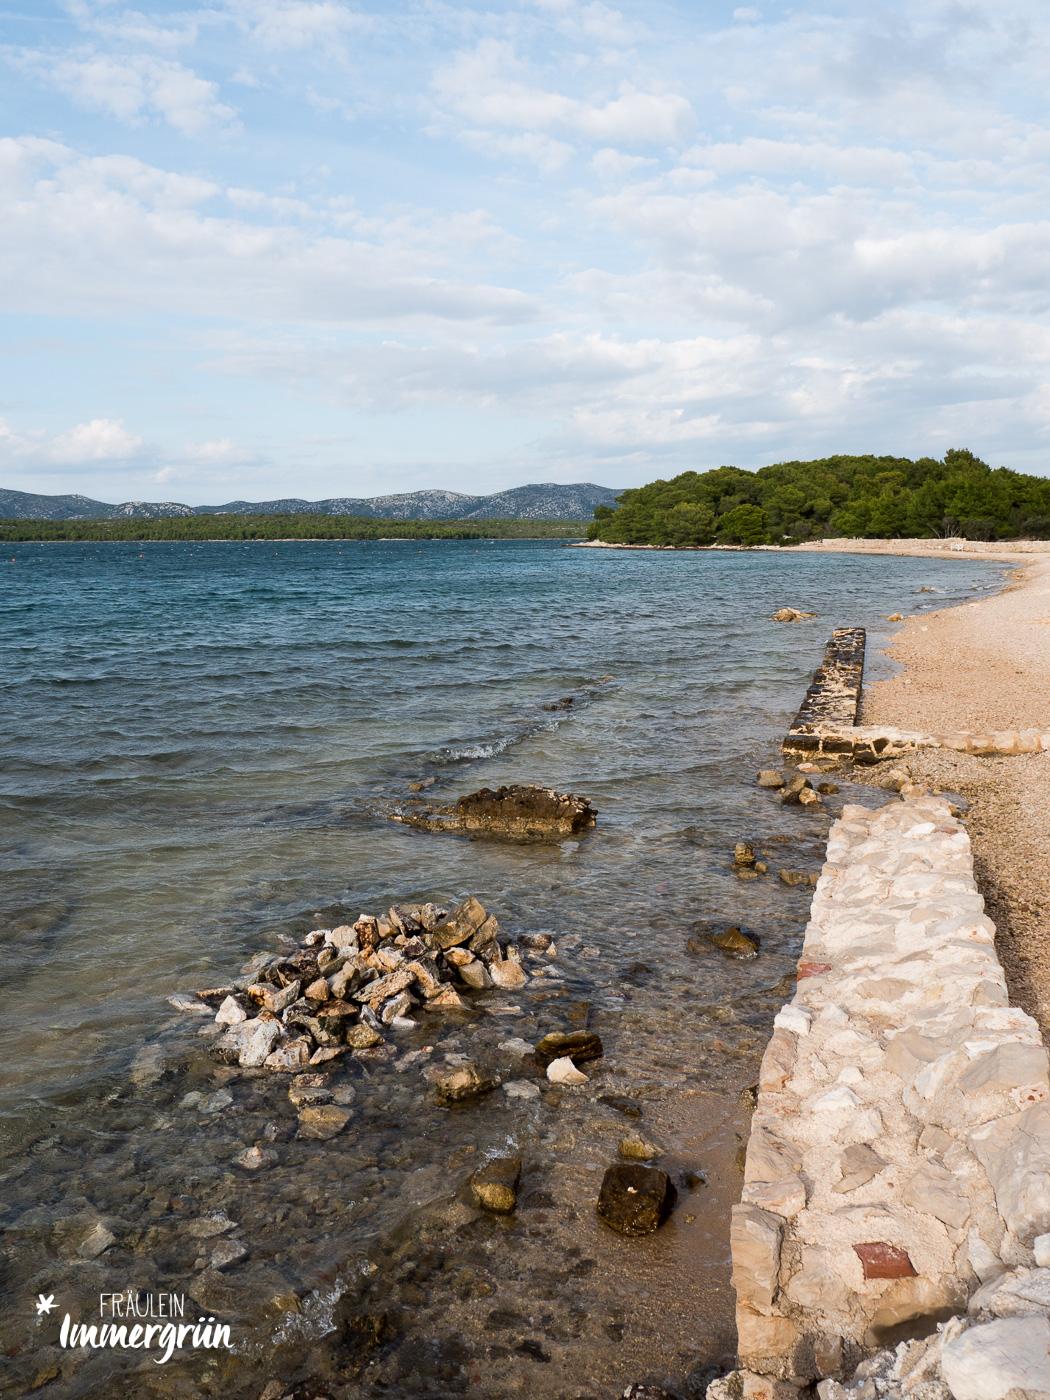 Dalmatien in Kroatien: Urlaub an der dalmatinischen Küste in der Nebensaison – Insel Murter mit Strand Kolentum